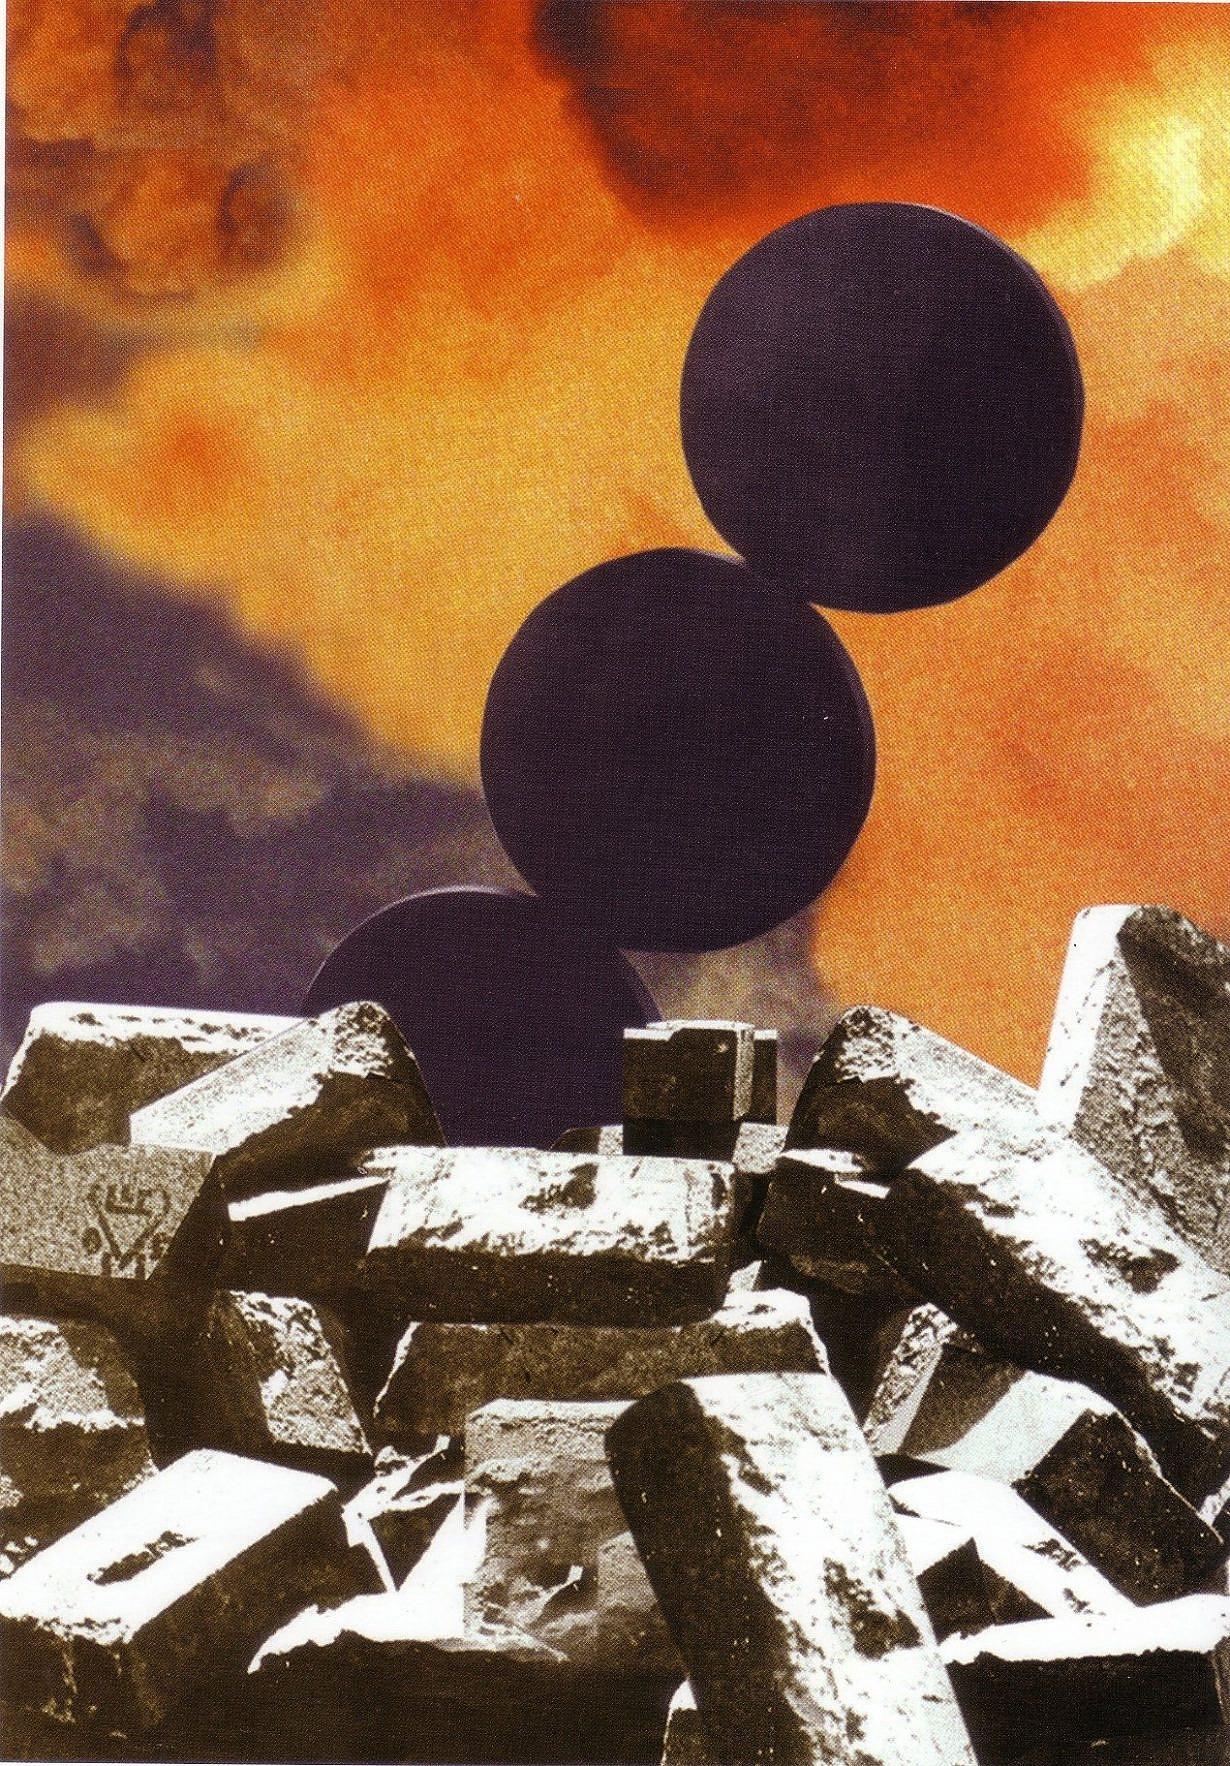 דוד טרטקובר, התרוממות, 1996, הדפס דיגיטלי